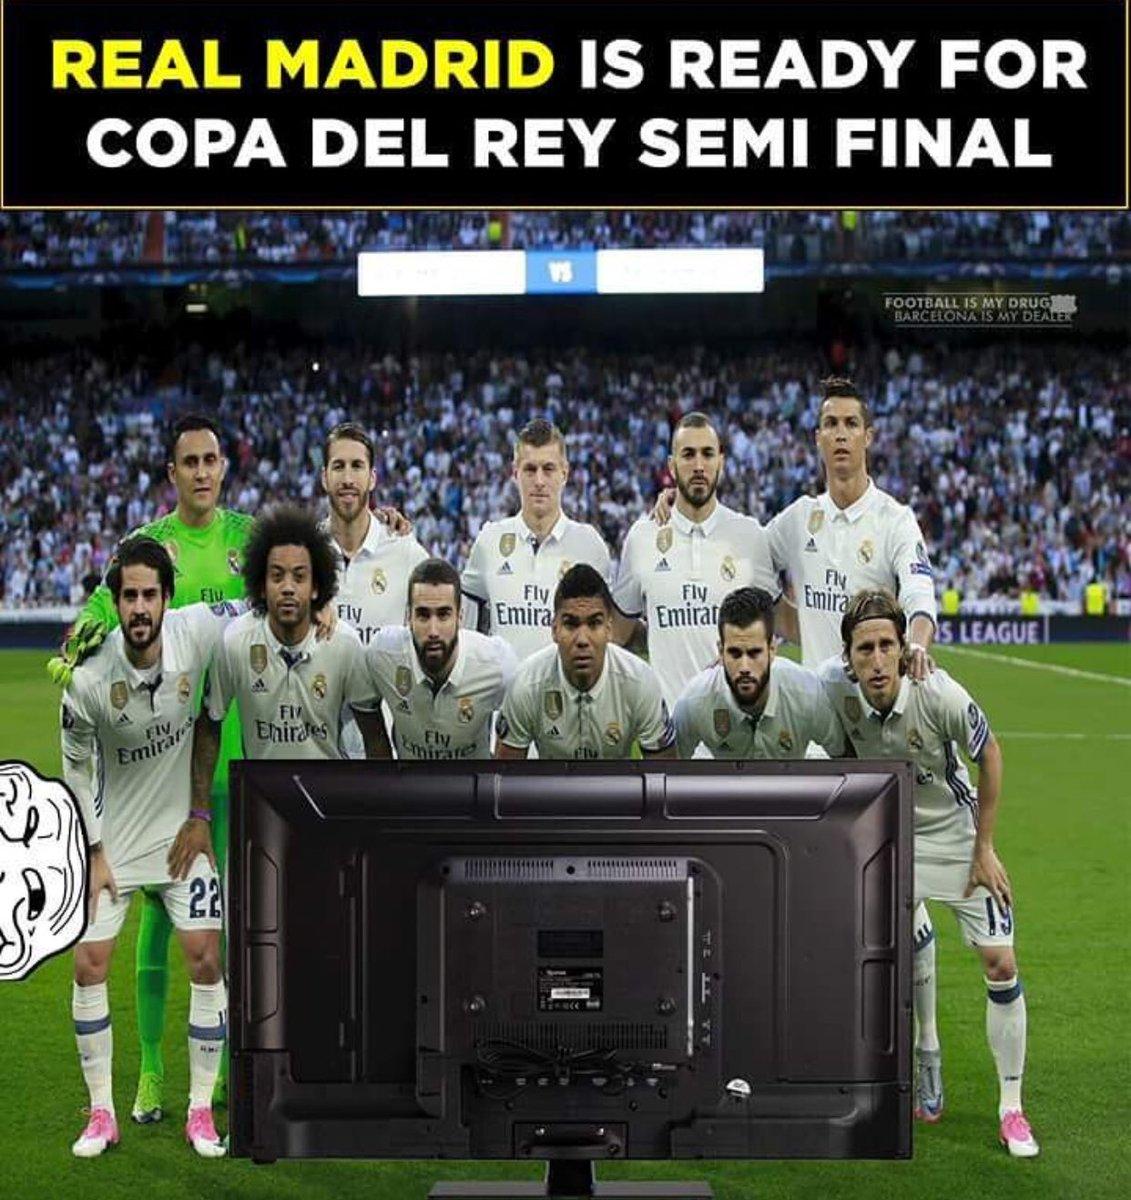 RT @RadioFCB: Ya está listo el Madrid para la semifinal de la Copa del Rey: https://t.co/7HNzF7XHPT